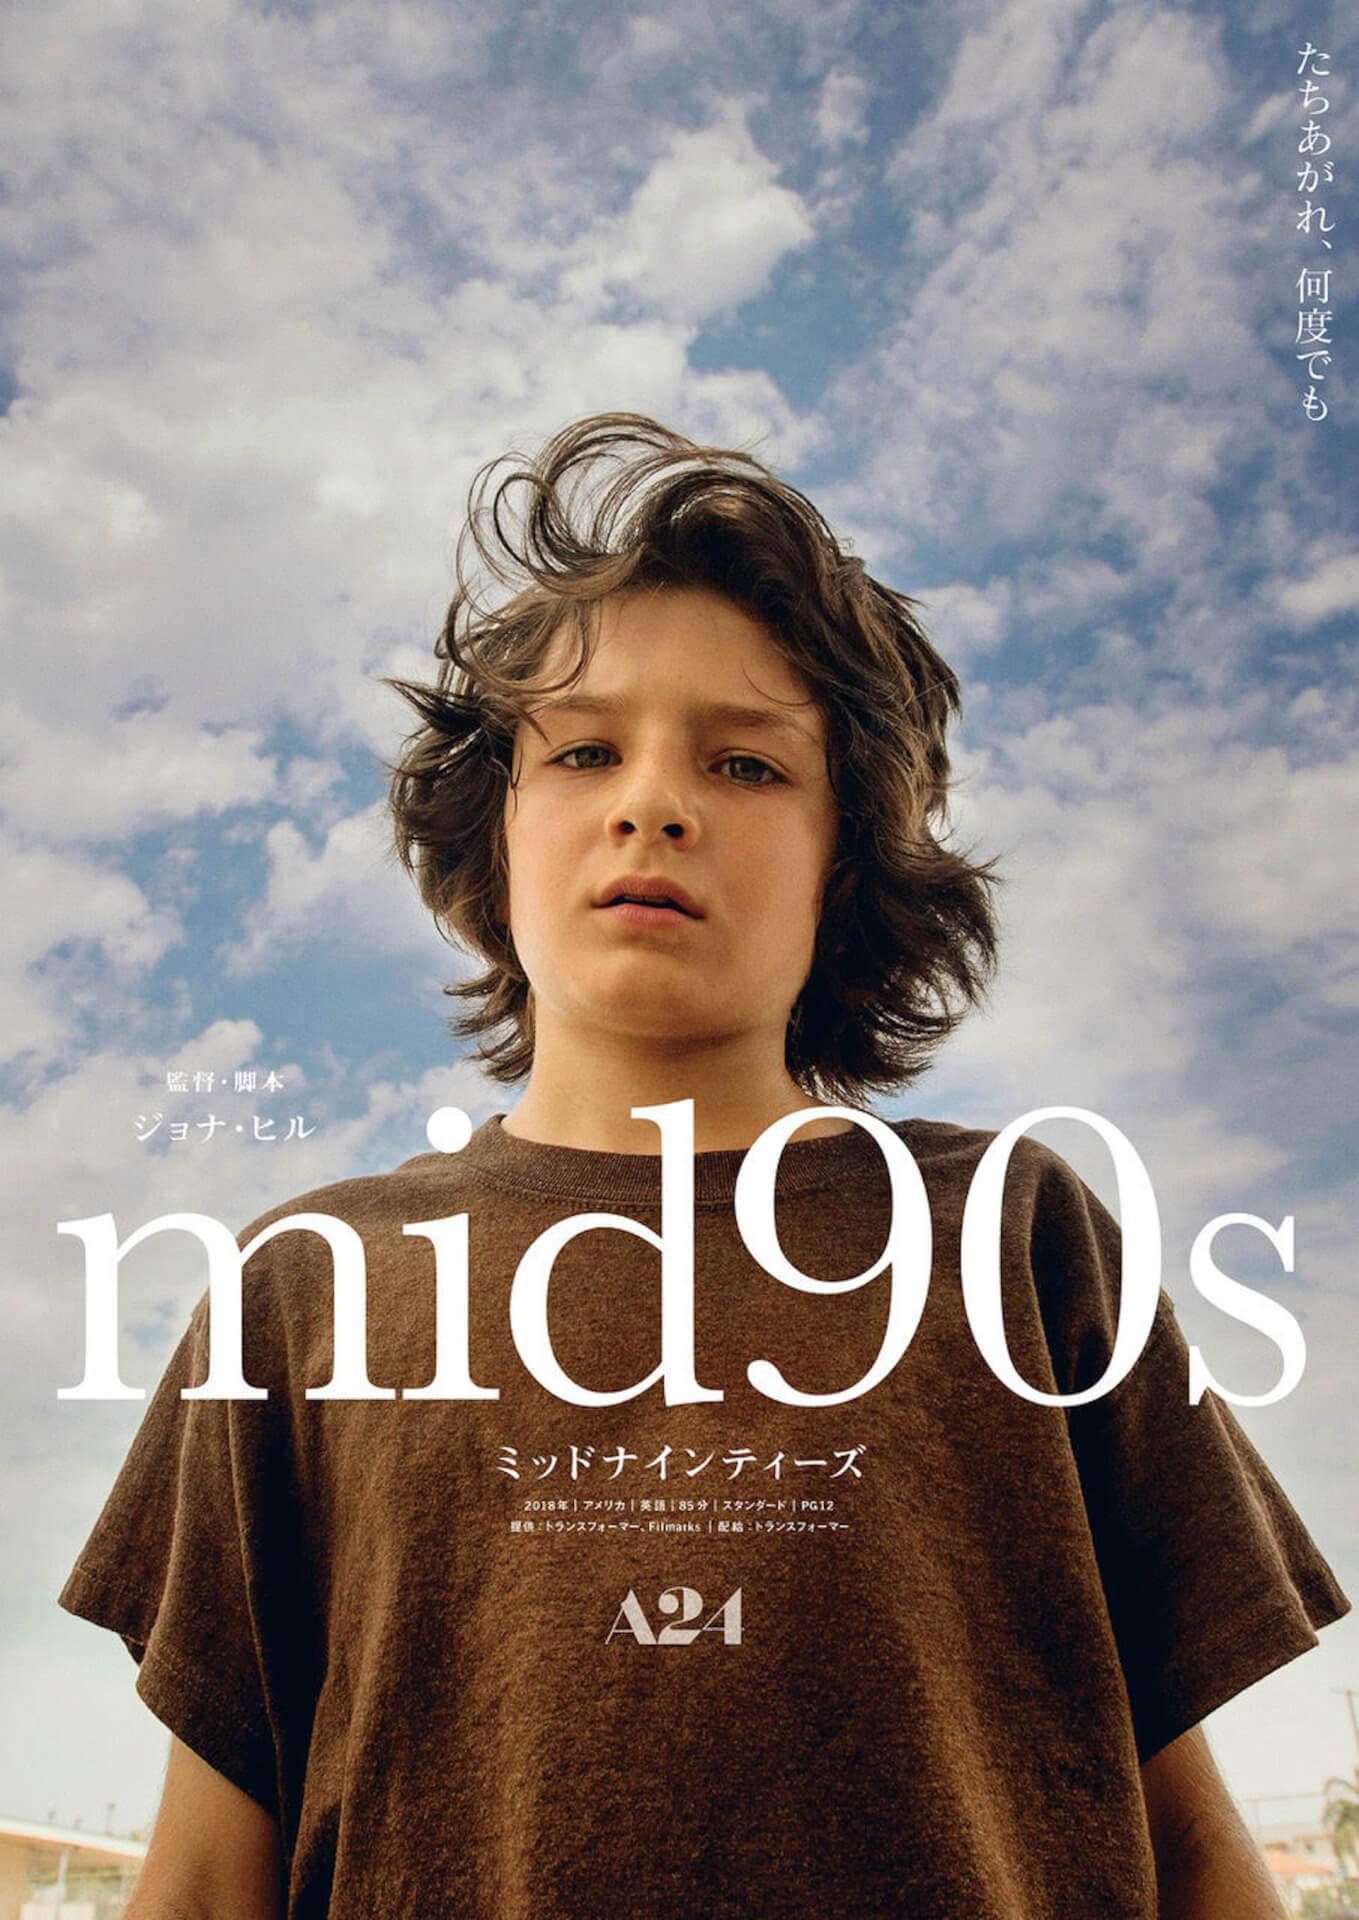 名作『KIDS』&『バッファロー'66』上映決定!A24製作によるジョナ・ヒル初監督作『mid90s ミッドナインティーズ』公開記念イベントが開催 film20200807_mid90s6